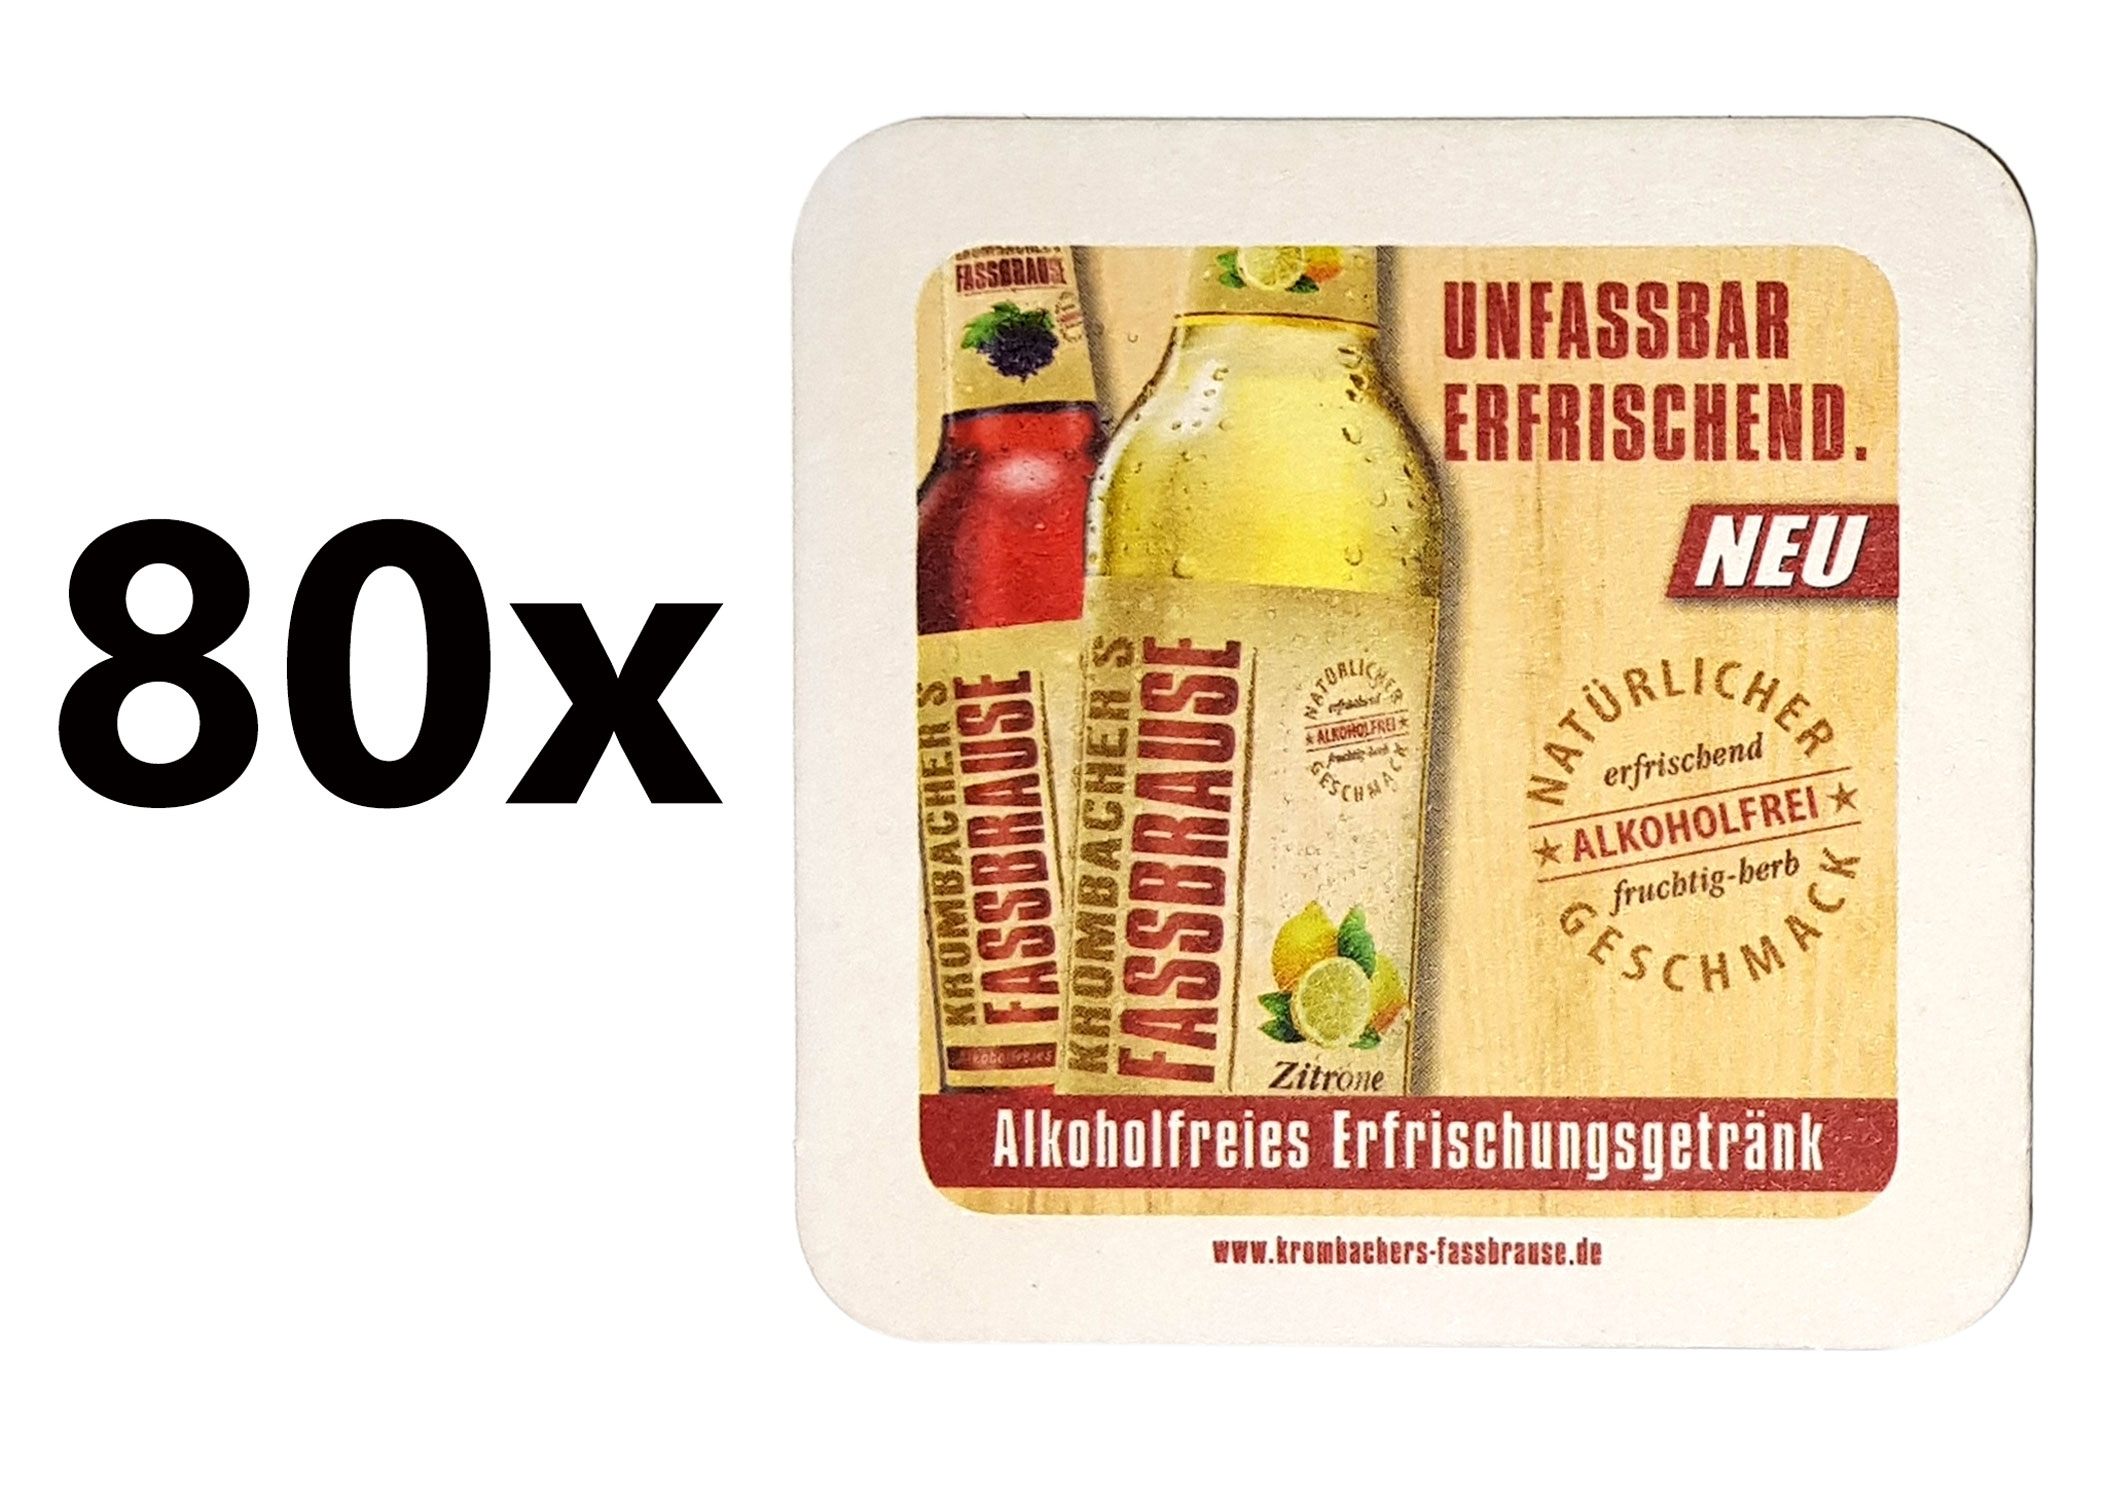 Krombacher Faasbrause Bierdeckel Untersetzer Unterlage Pappdeckel Bierfilz - 80er Packung